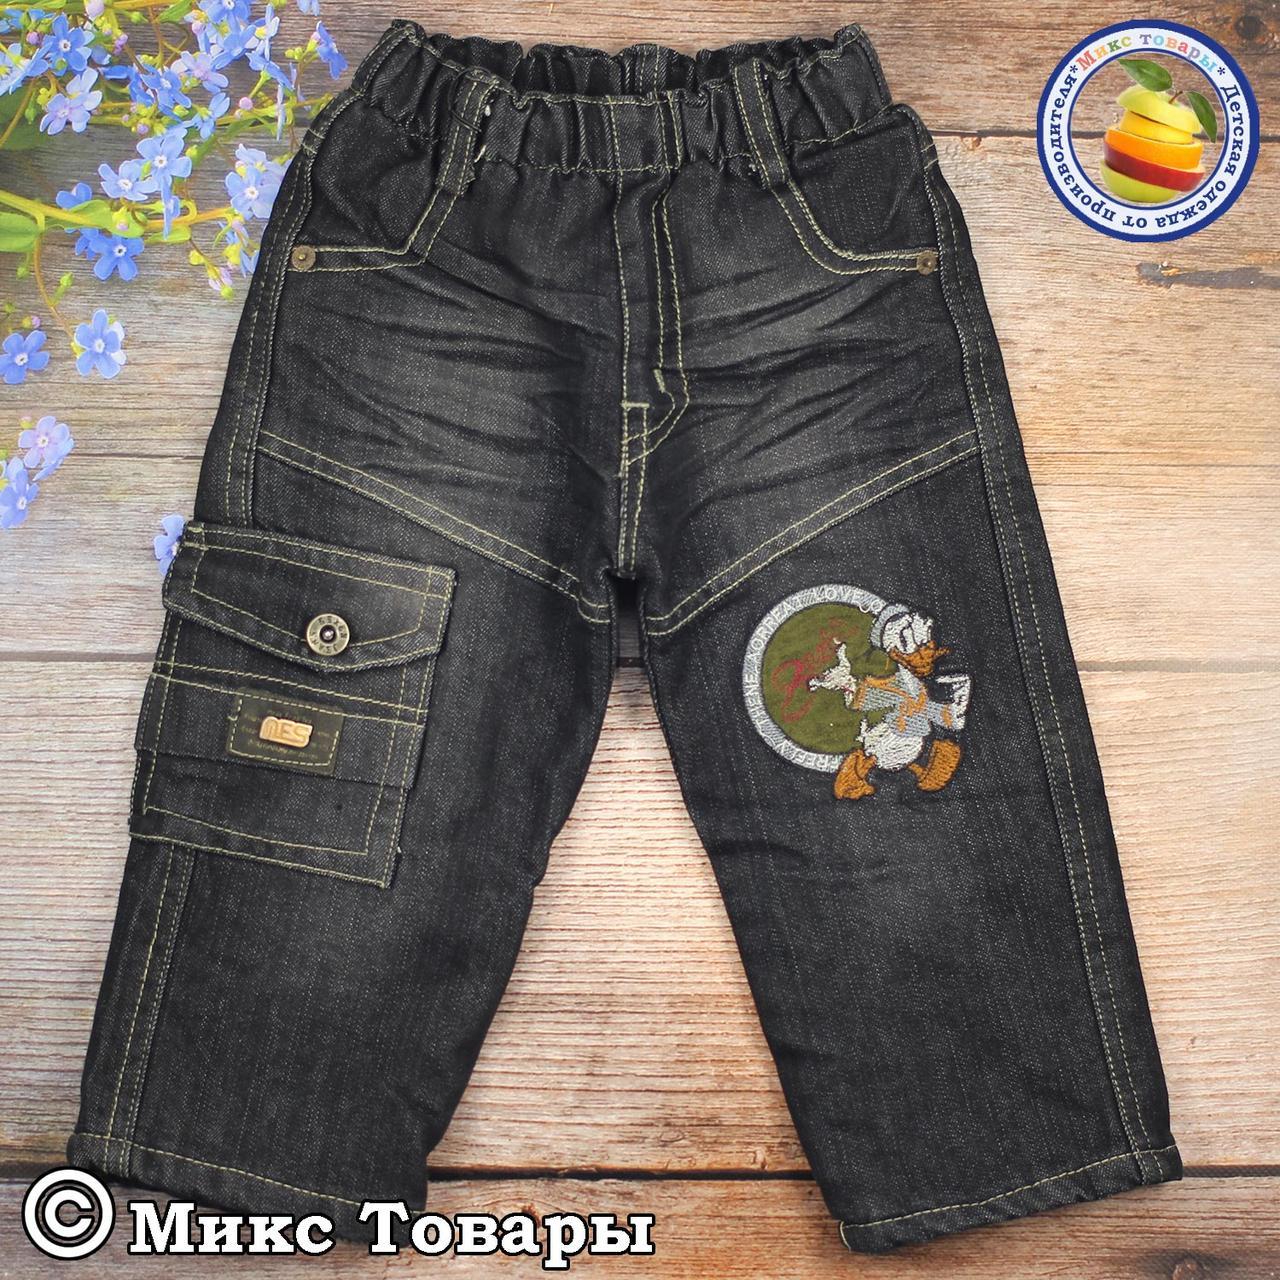 0c88a5406ef Купить Тёплые черные джинсы на резинке для малыша Размеры  1